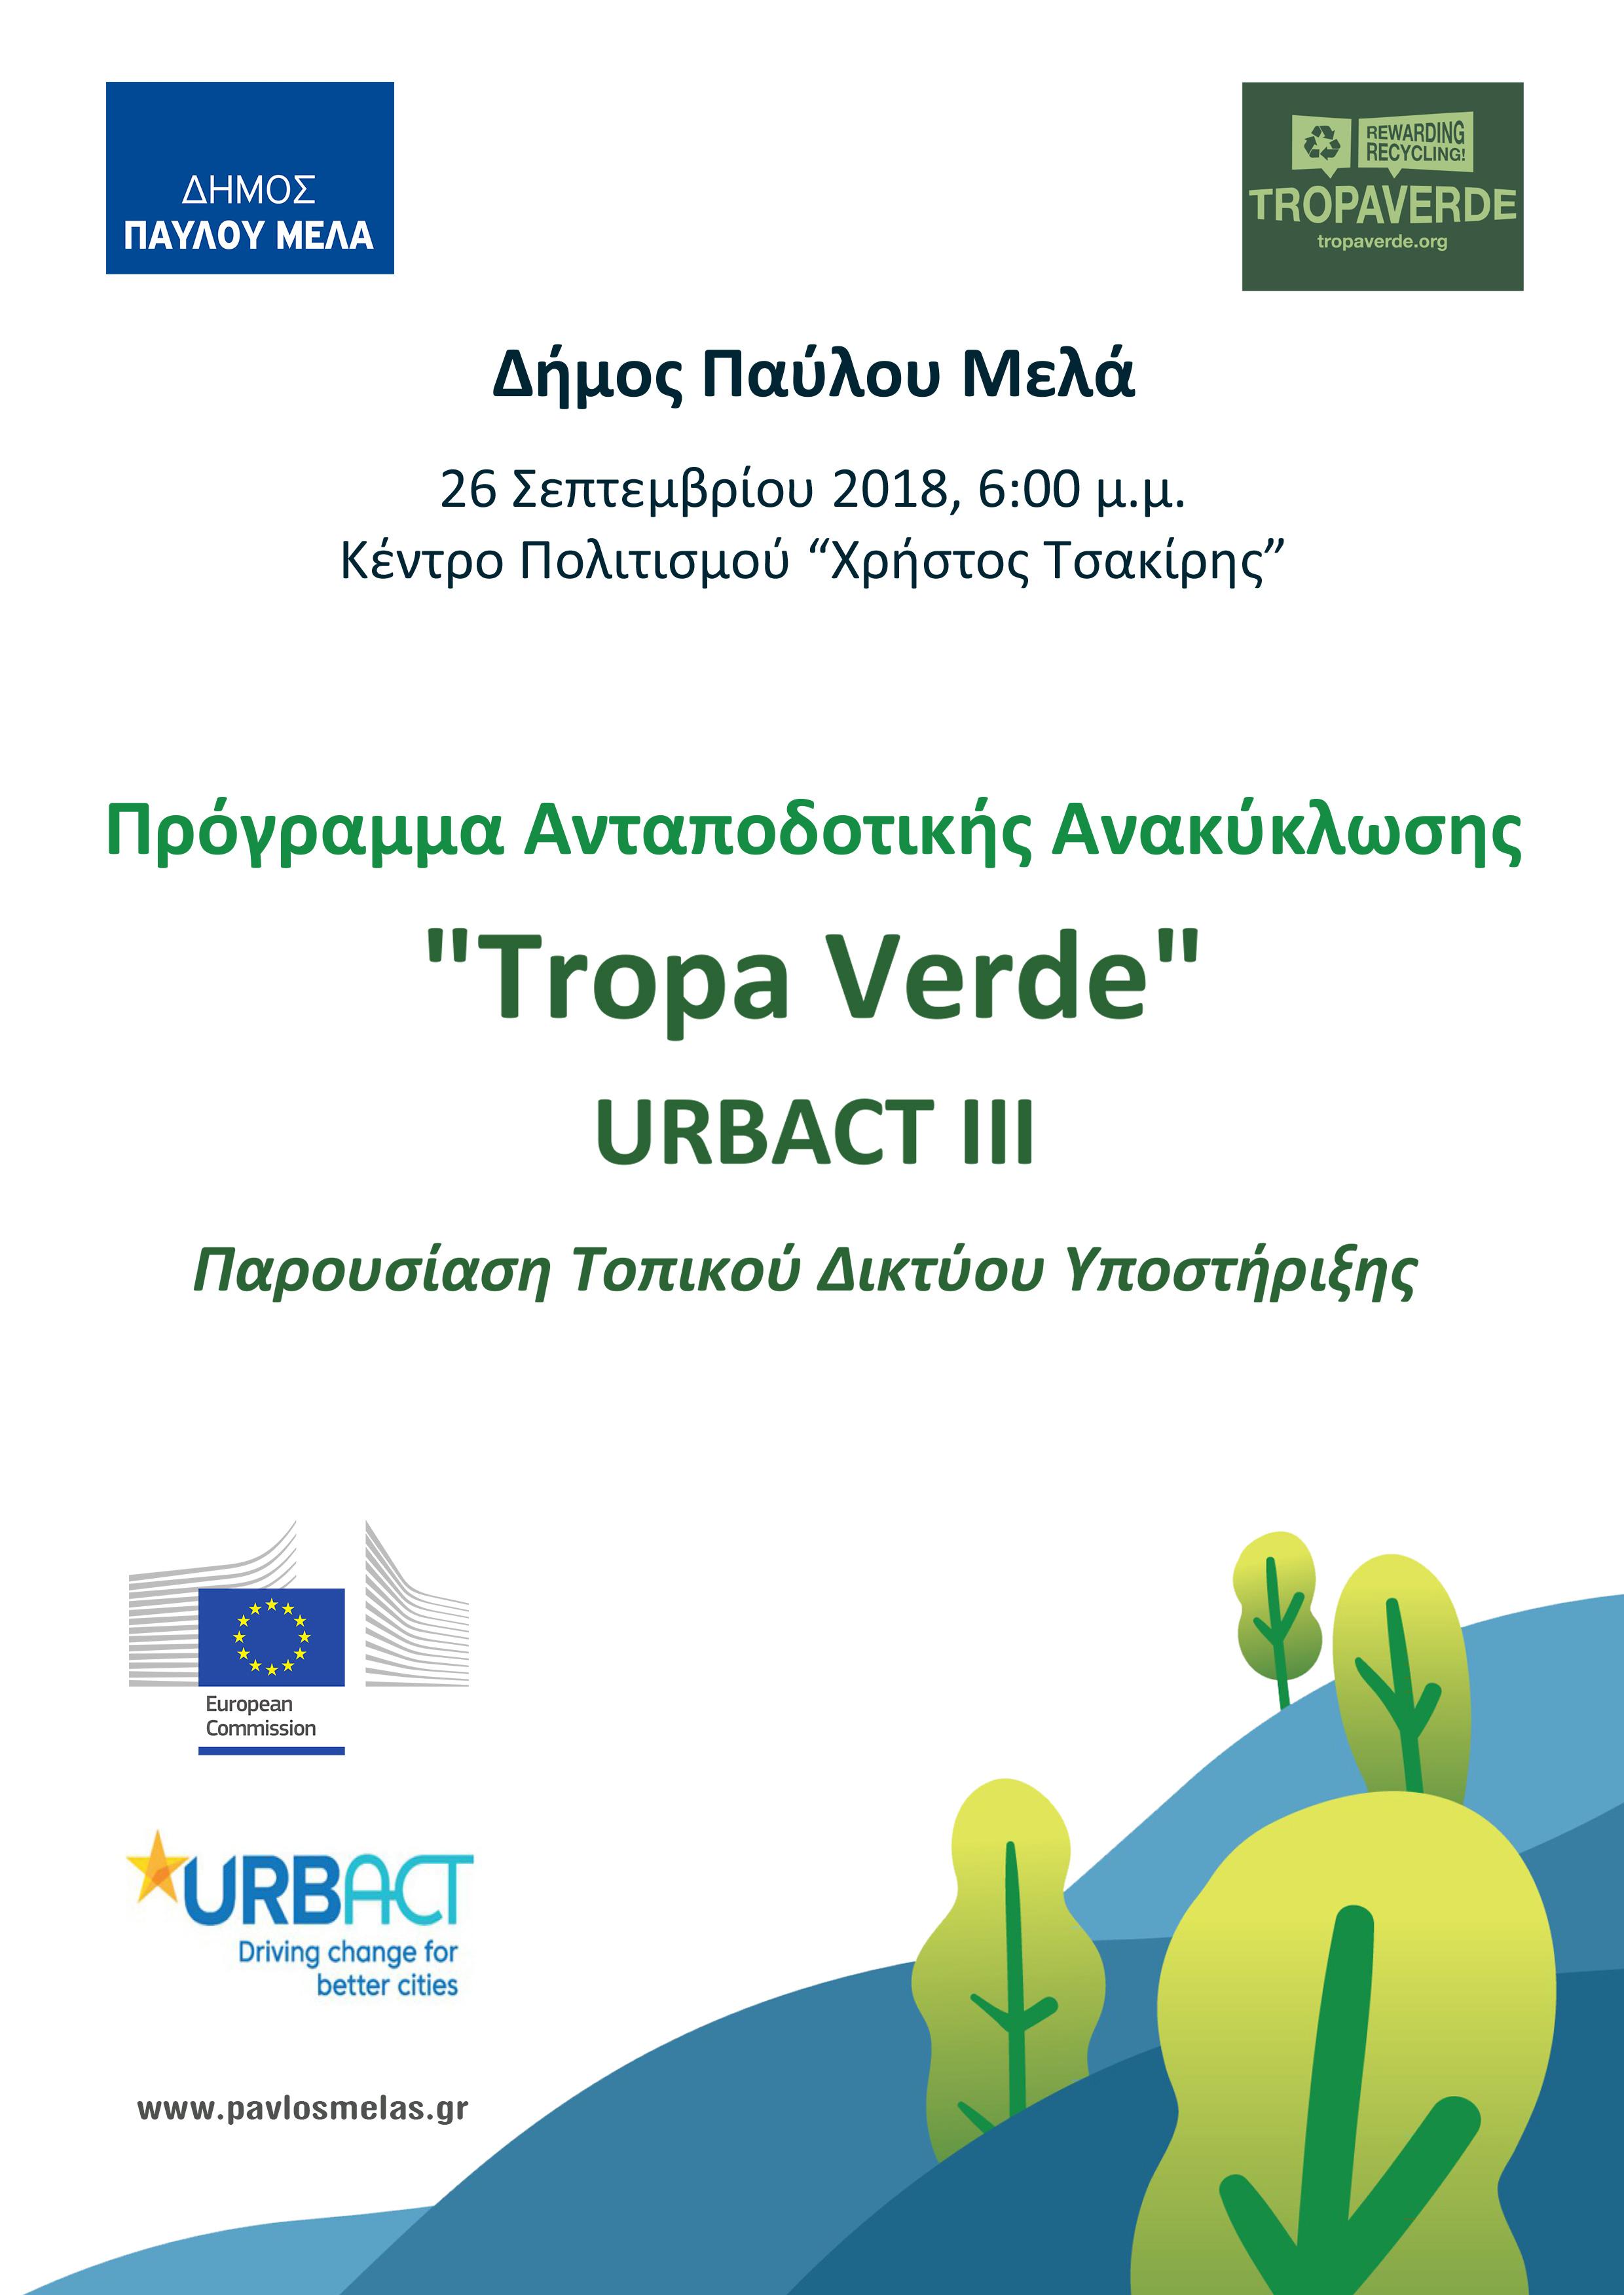 01 TROPA VERDE URBACT III Folder